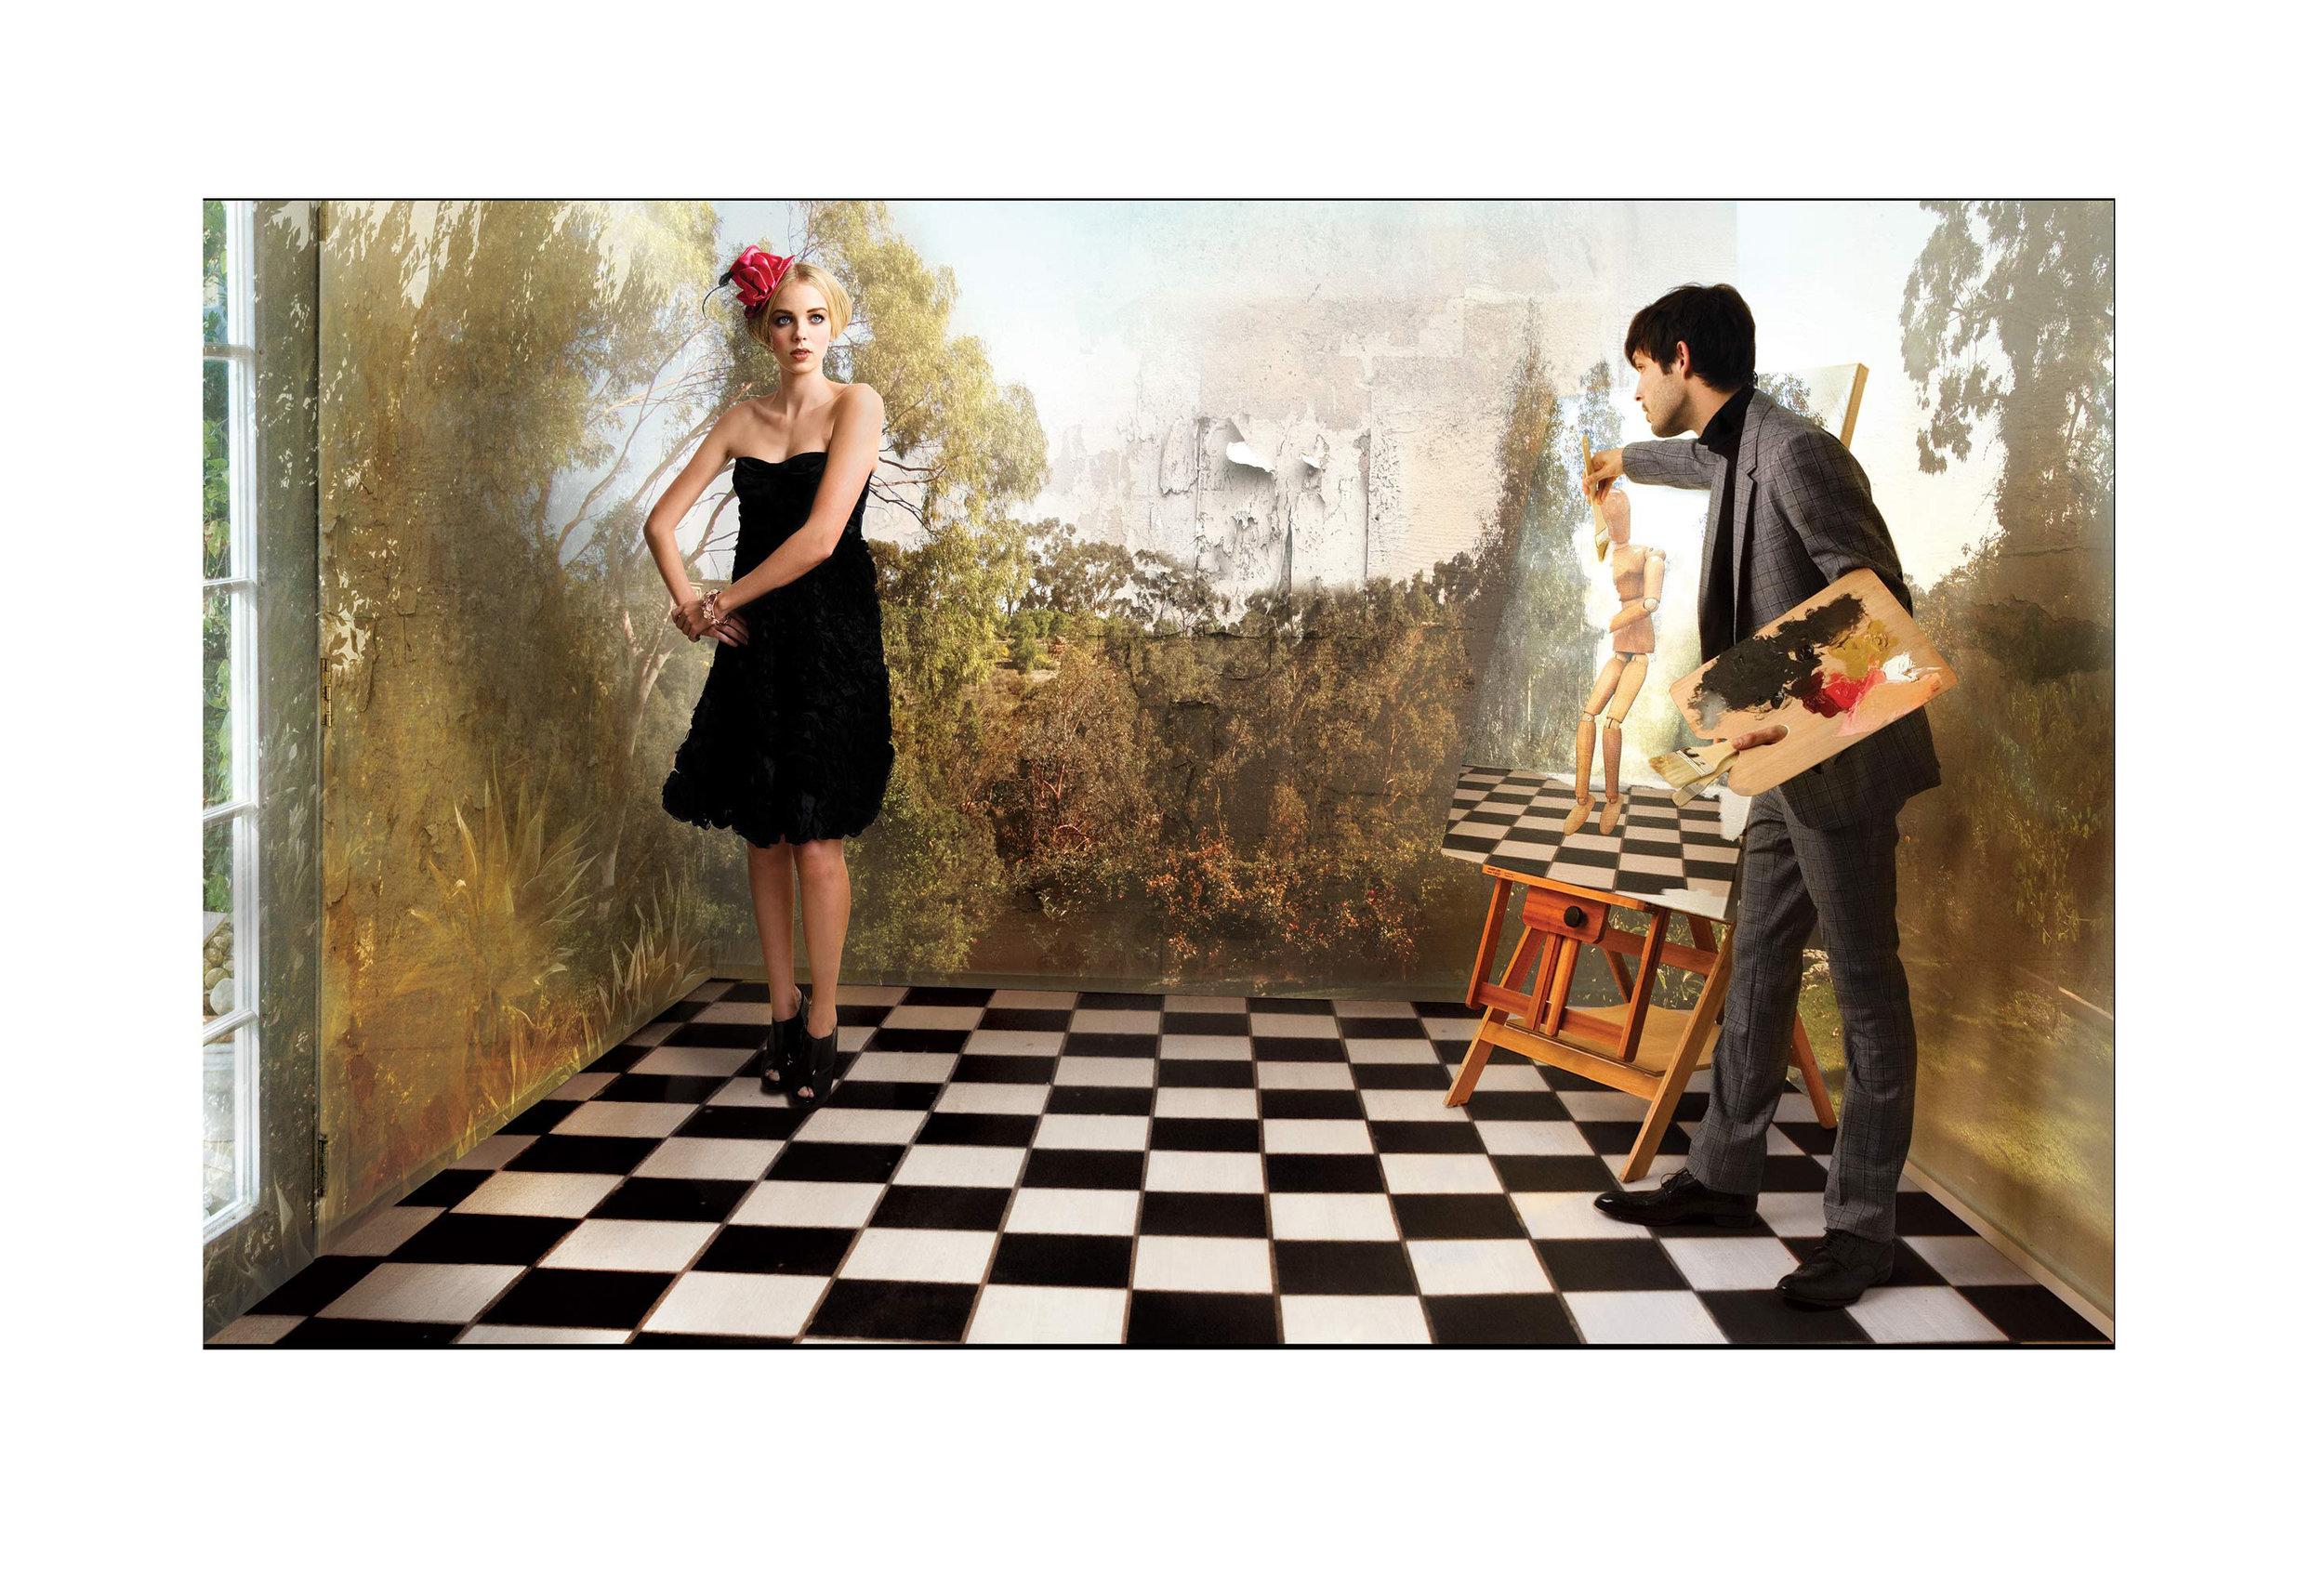 magritte 02.jpg